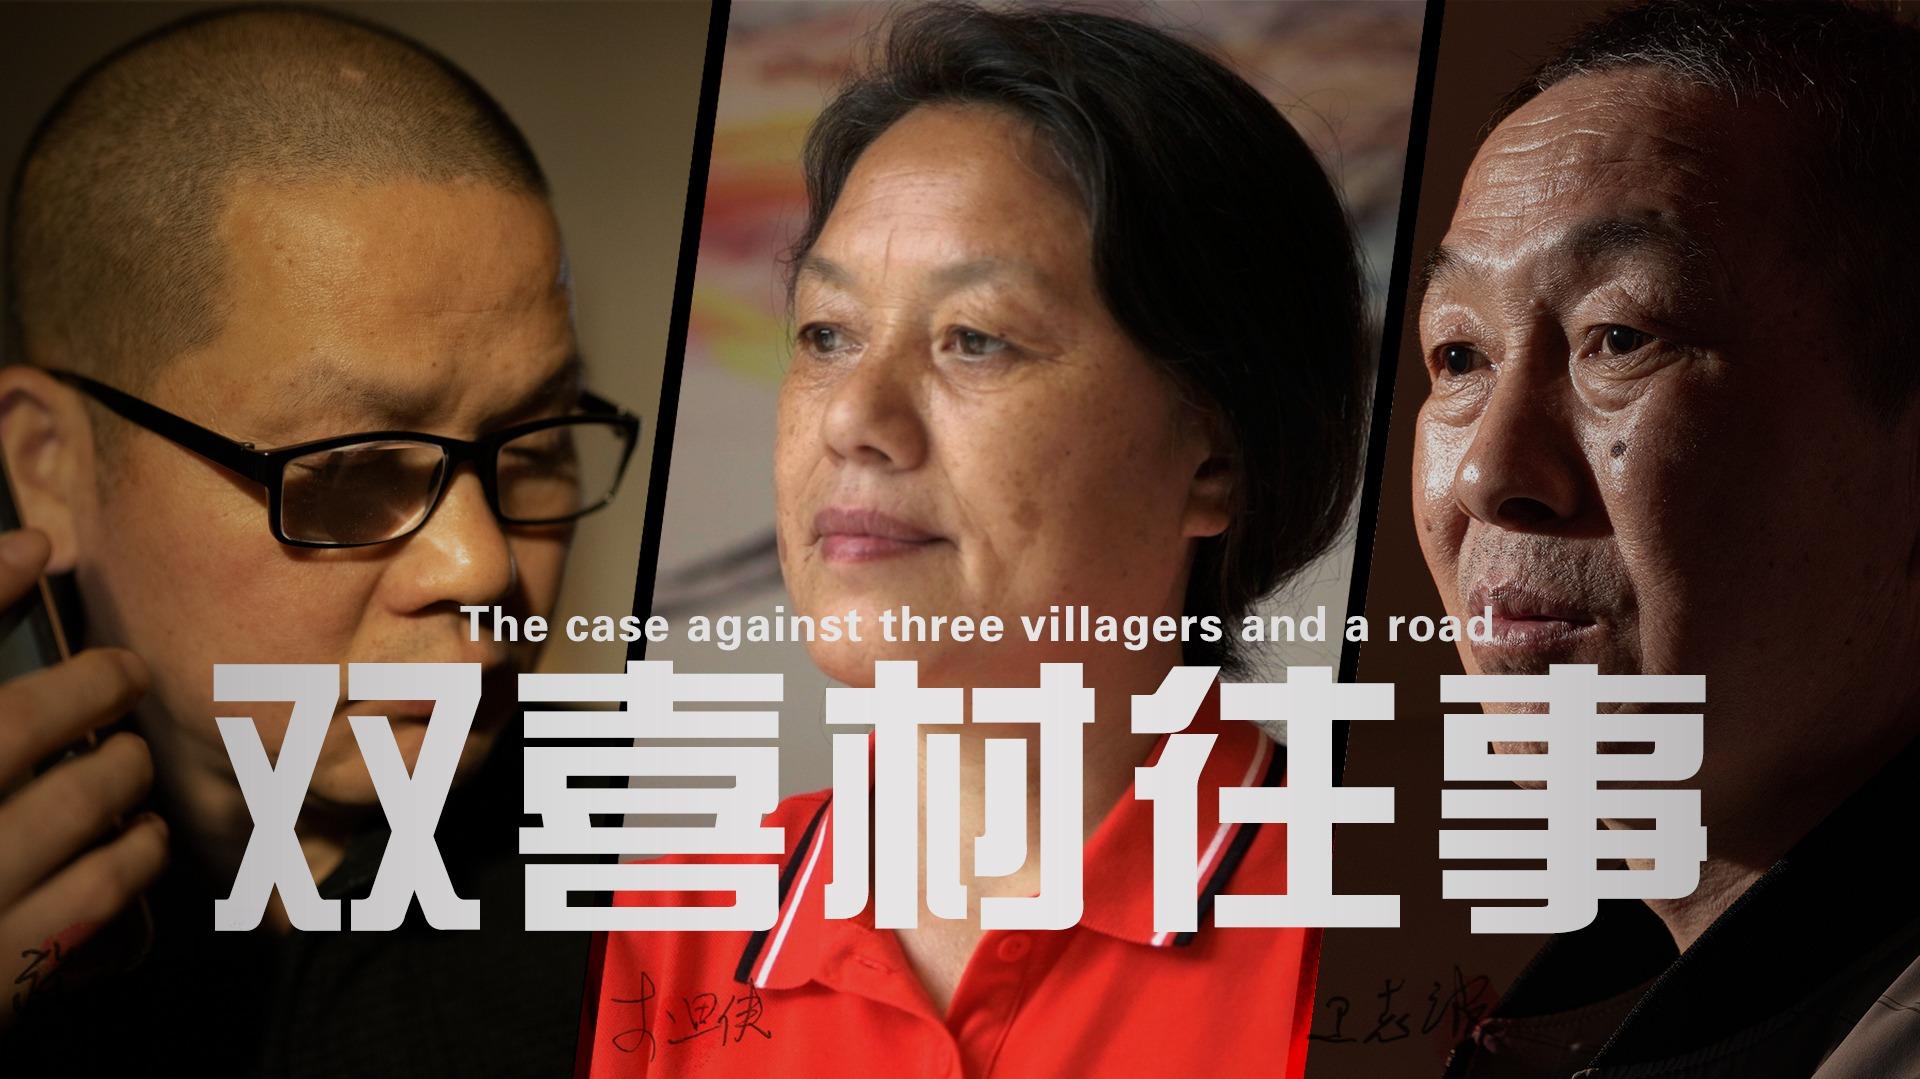 女子举报环境污染被关638天后检方撤诉:我敢作敢当,从来没有后悔过